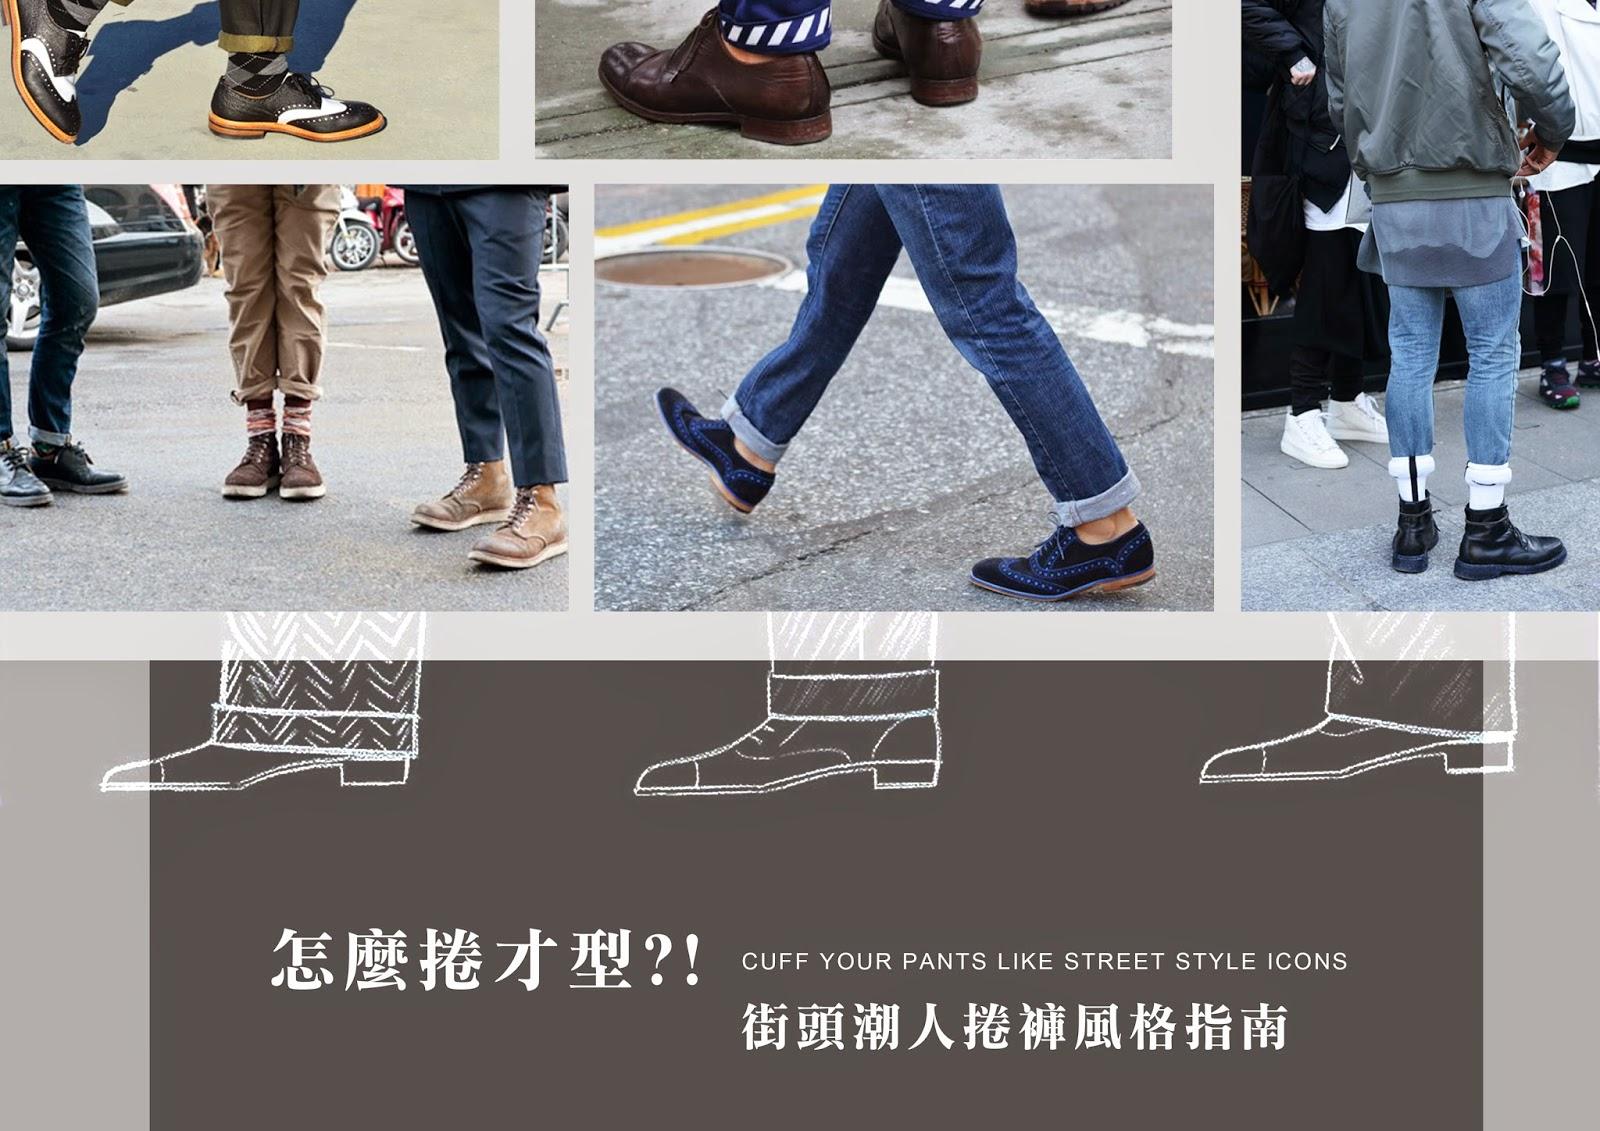 怎麼捲才型?街頭潮人捲褲風格指南 |Akko&Tim 的型男養成日記